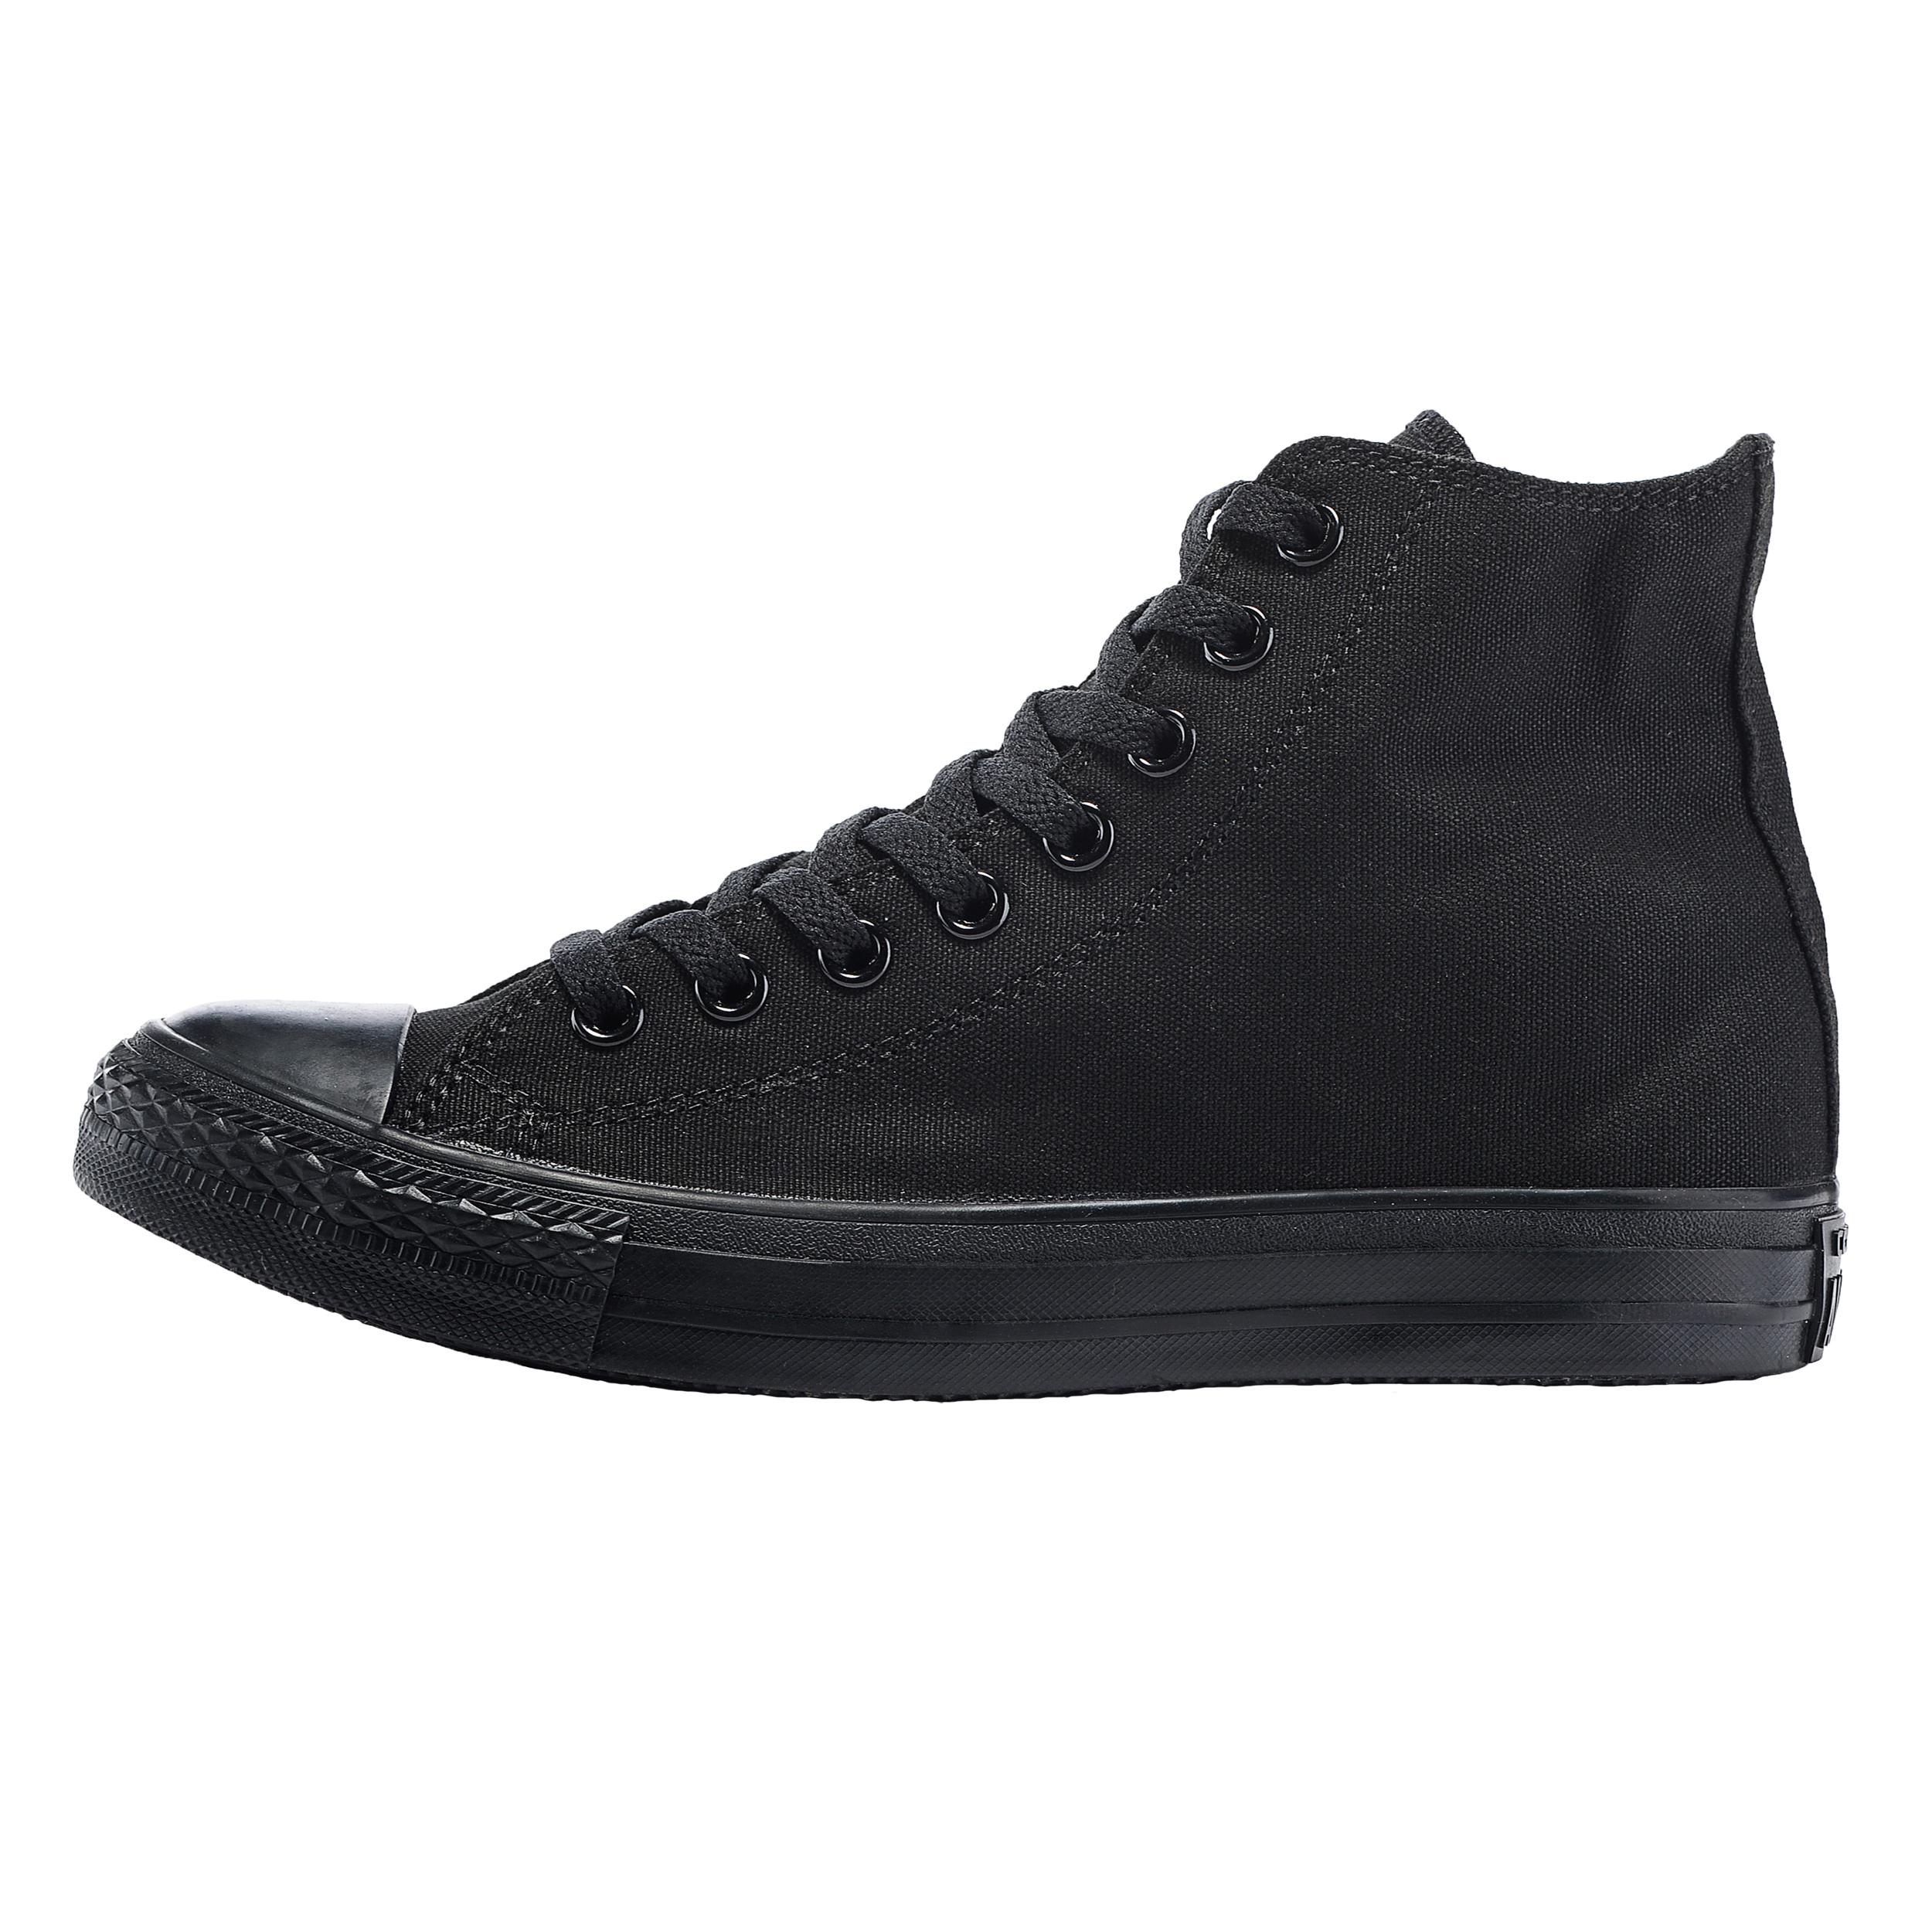 خرید                      کفش اسپورت مردانه کانورس مدل All Star High-1z588